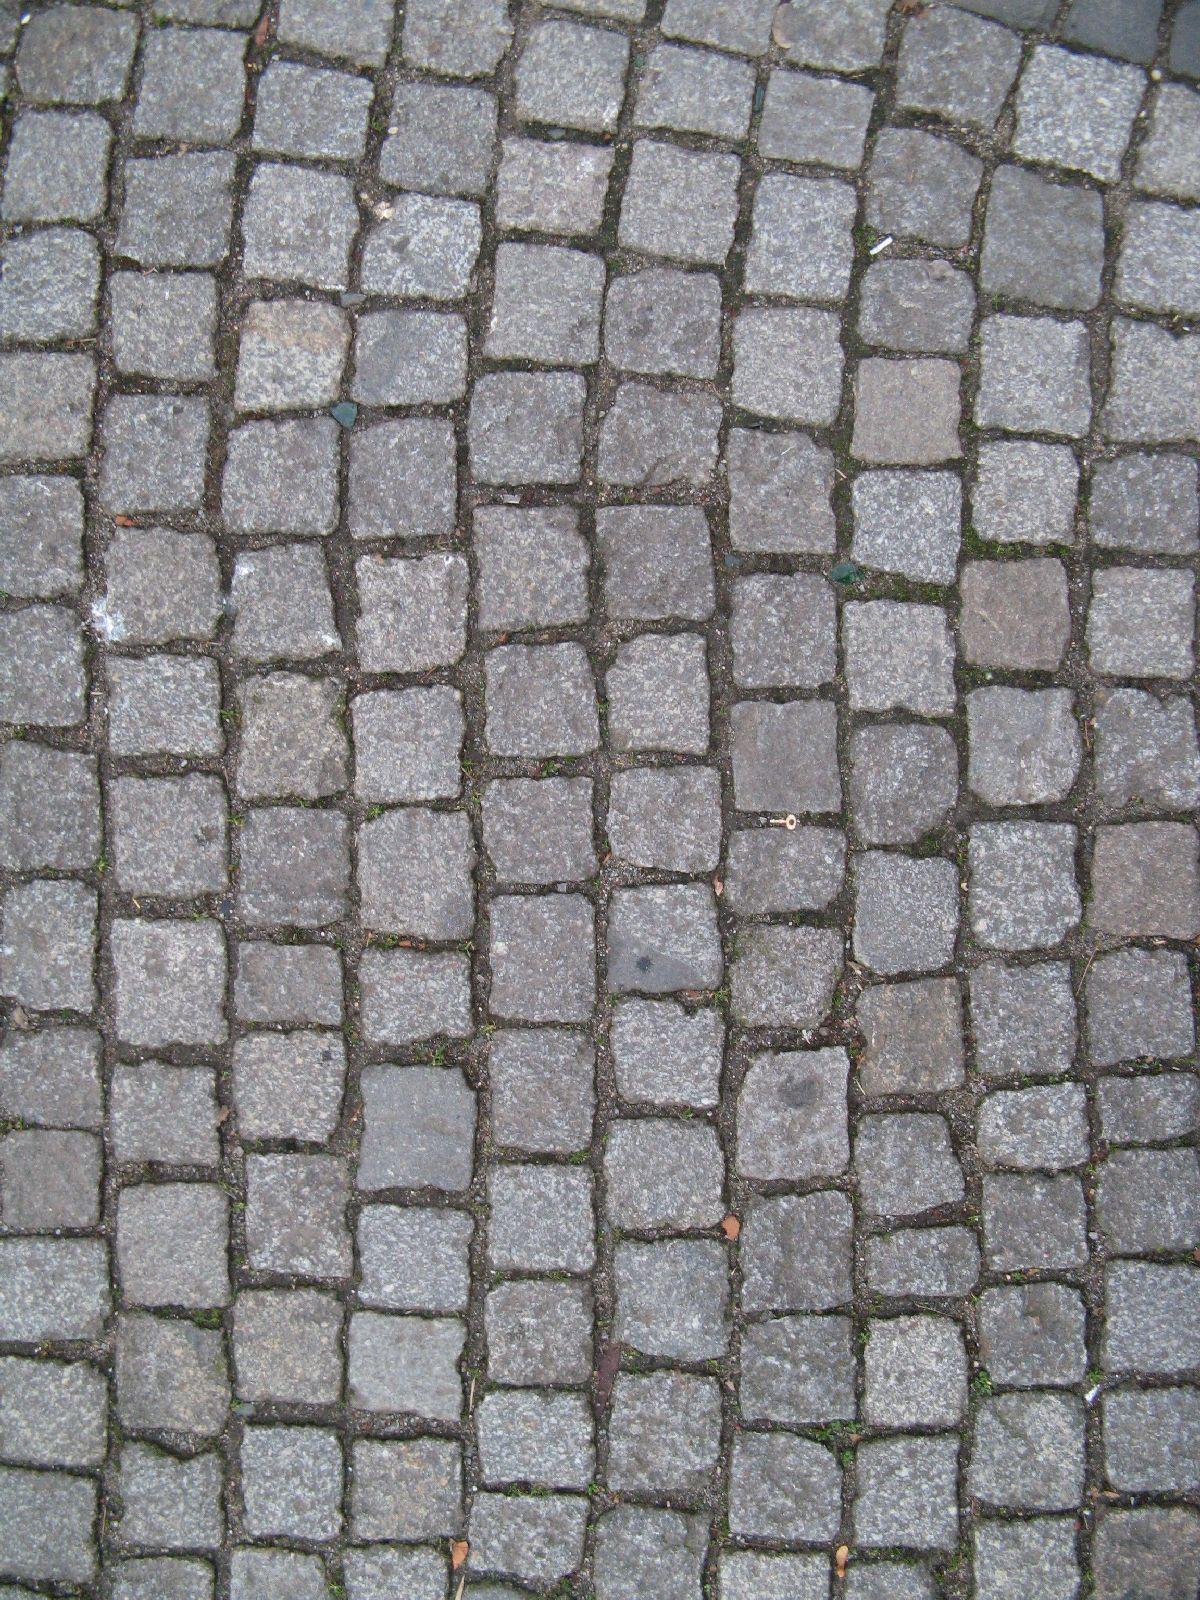 Ground-Urban_Texture_B_1113